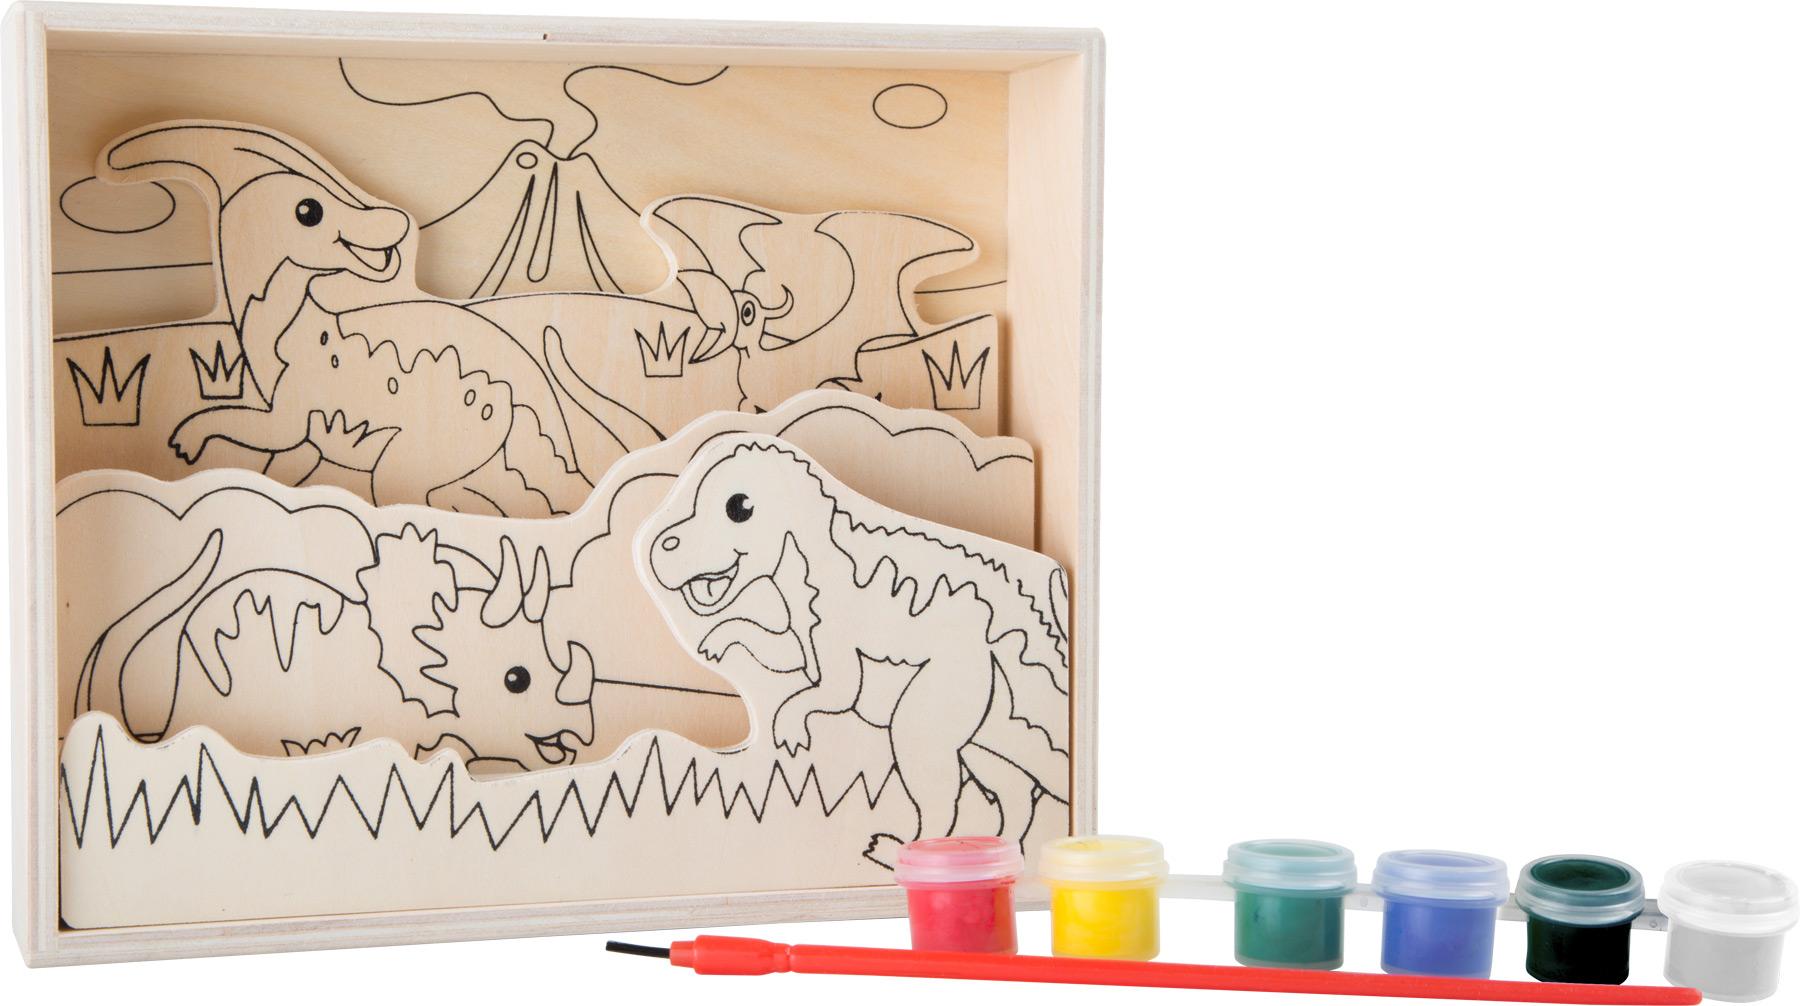 Imágenes para colorear de madera, \